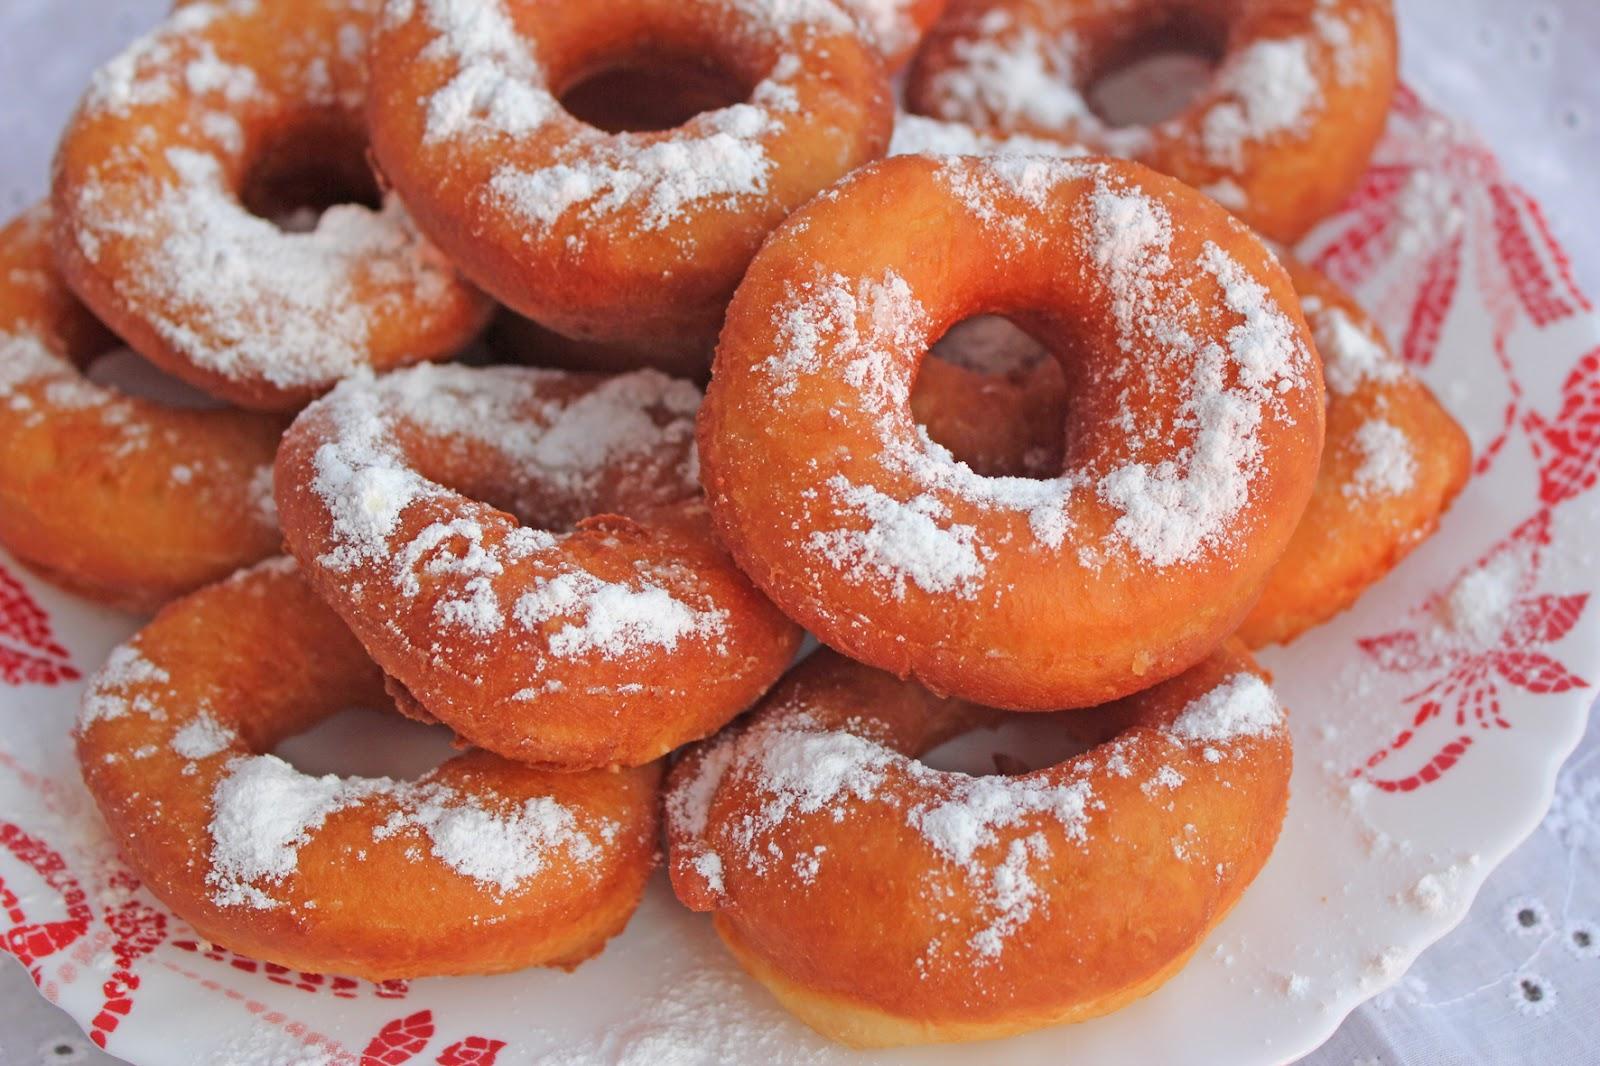 как приготовить пончики в домашних условиях без кефира